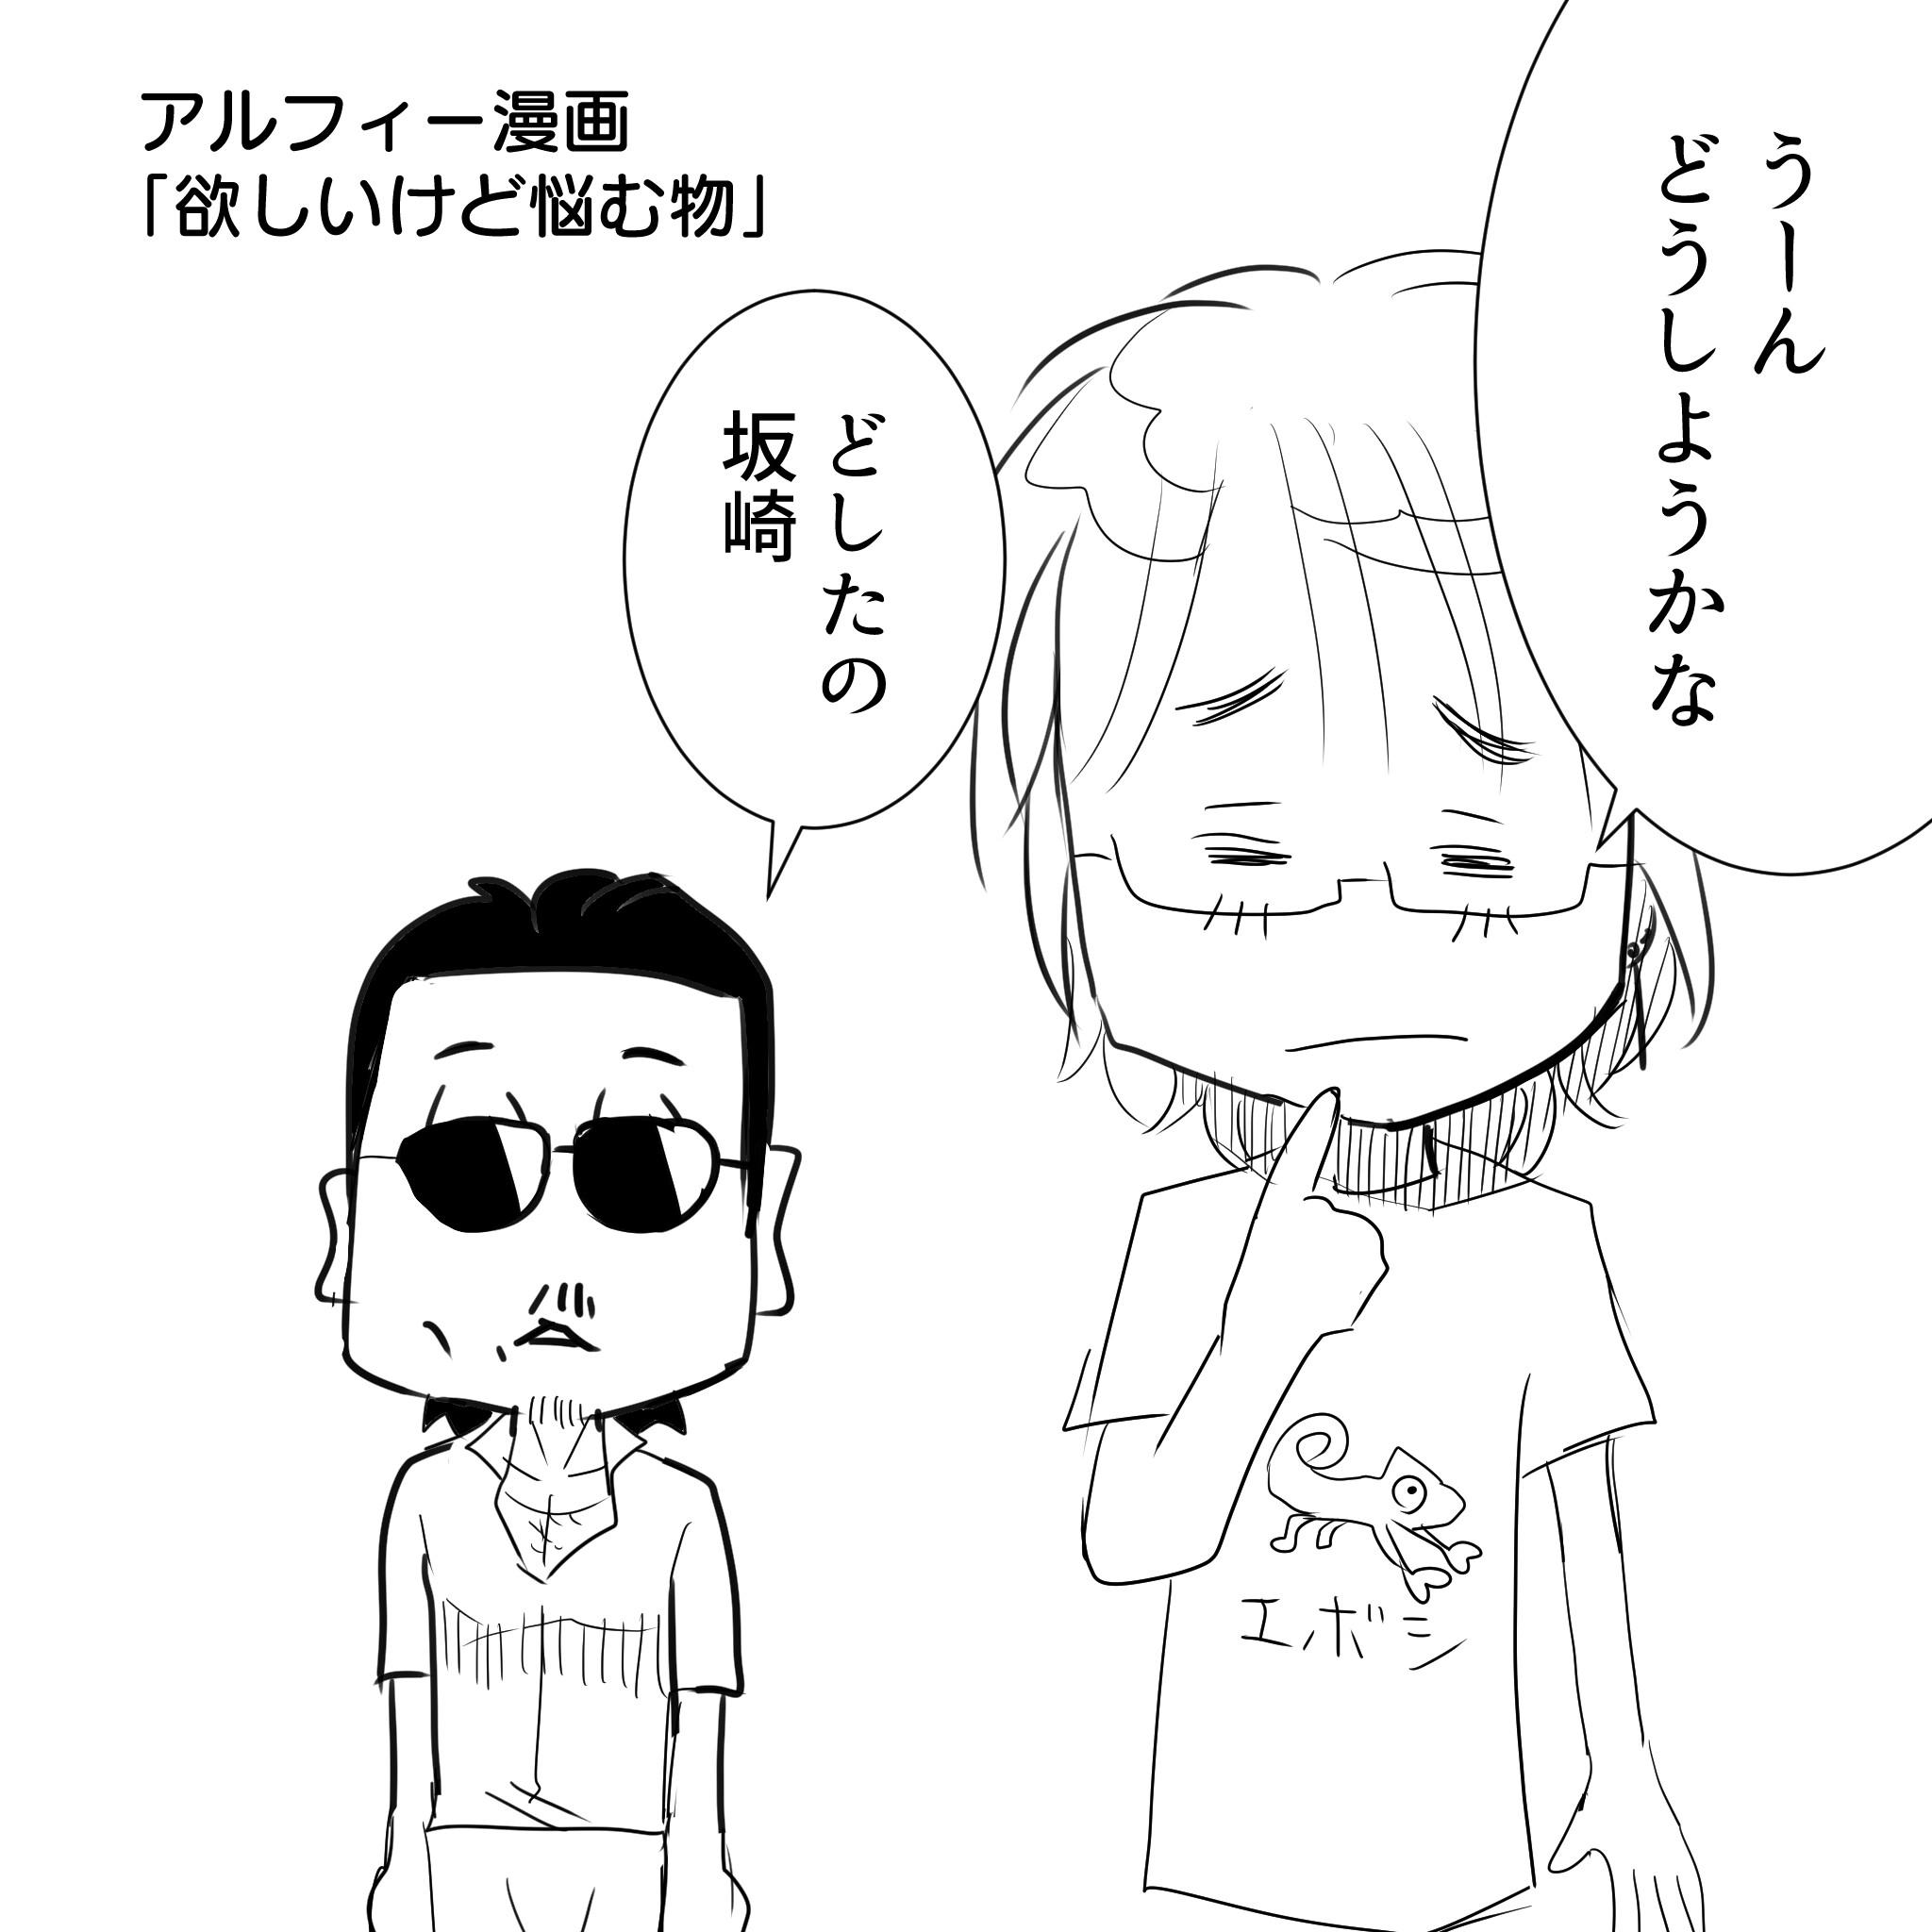 坂崎さんのマッサージチェア1